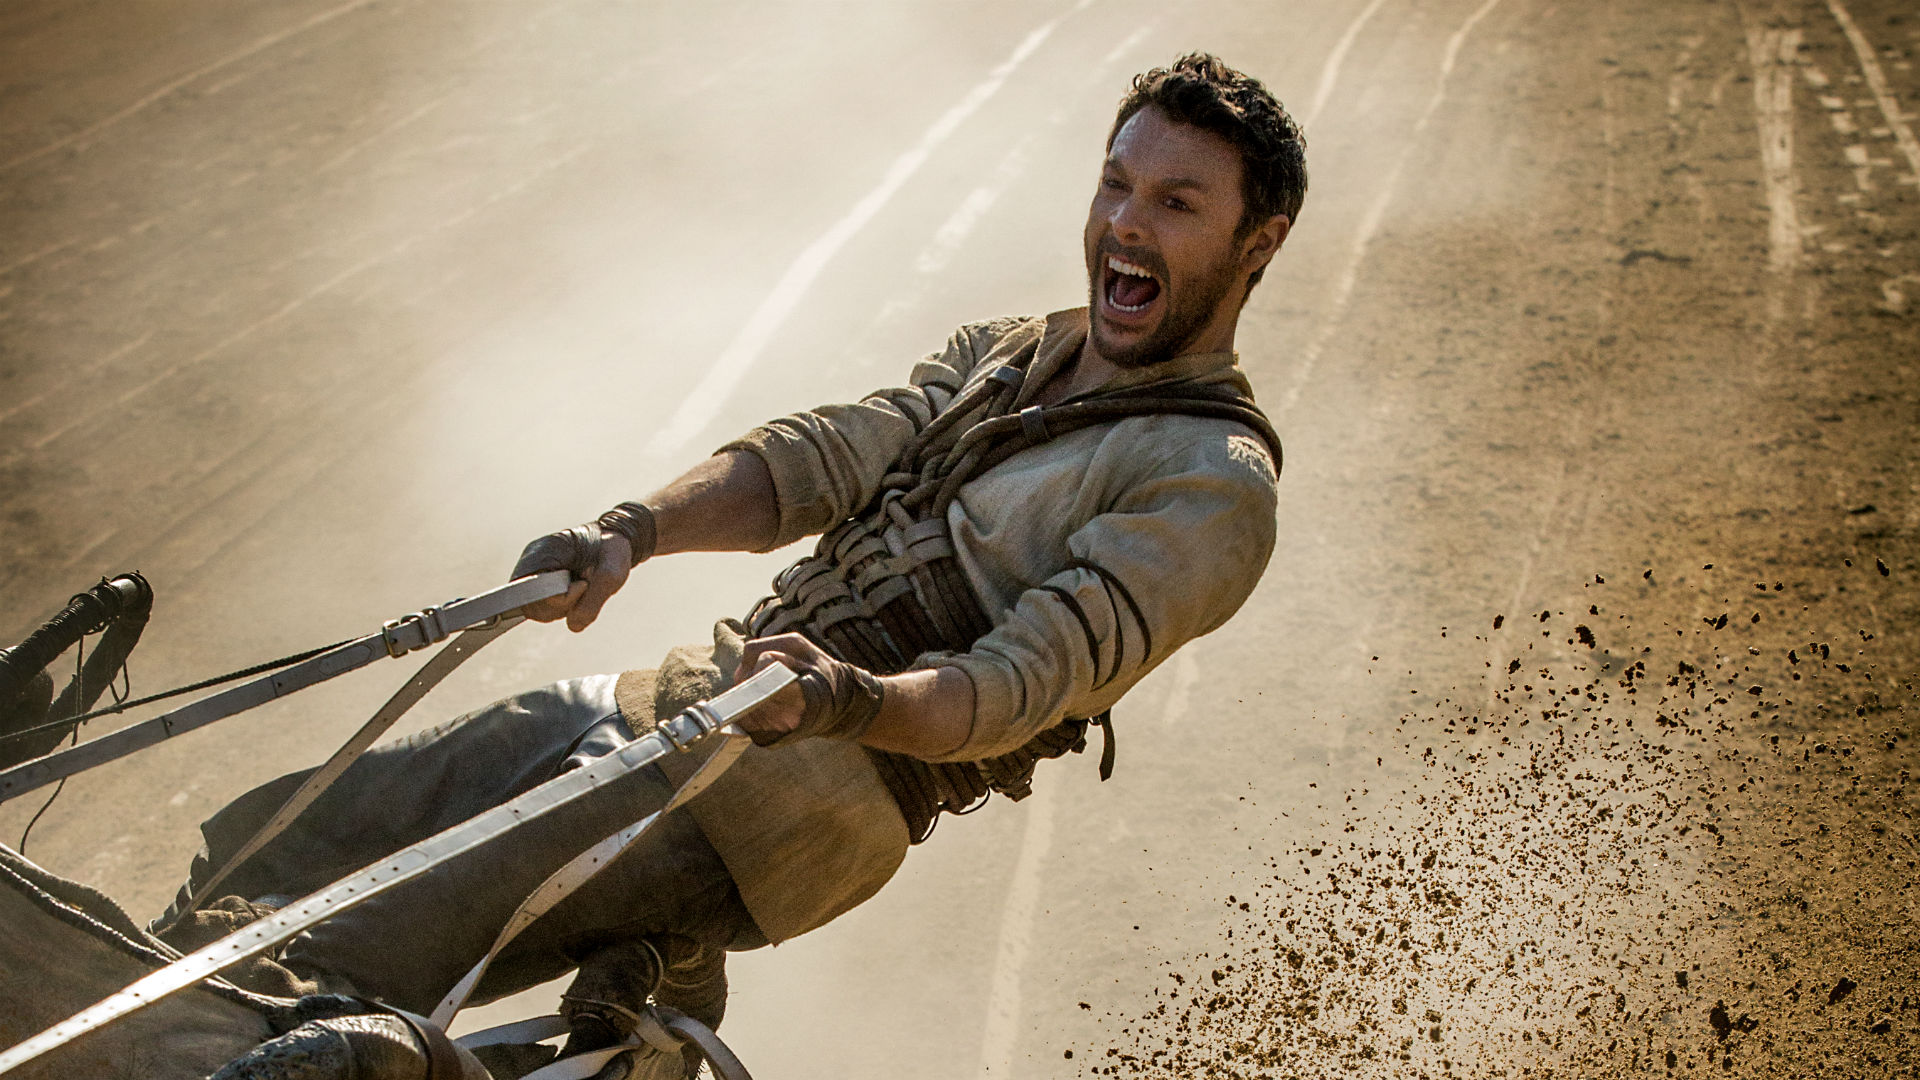 Ben-Hur (2016) - Trailer No. 1